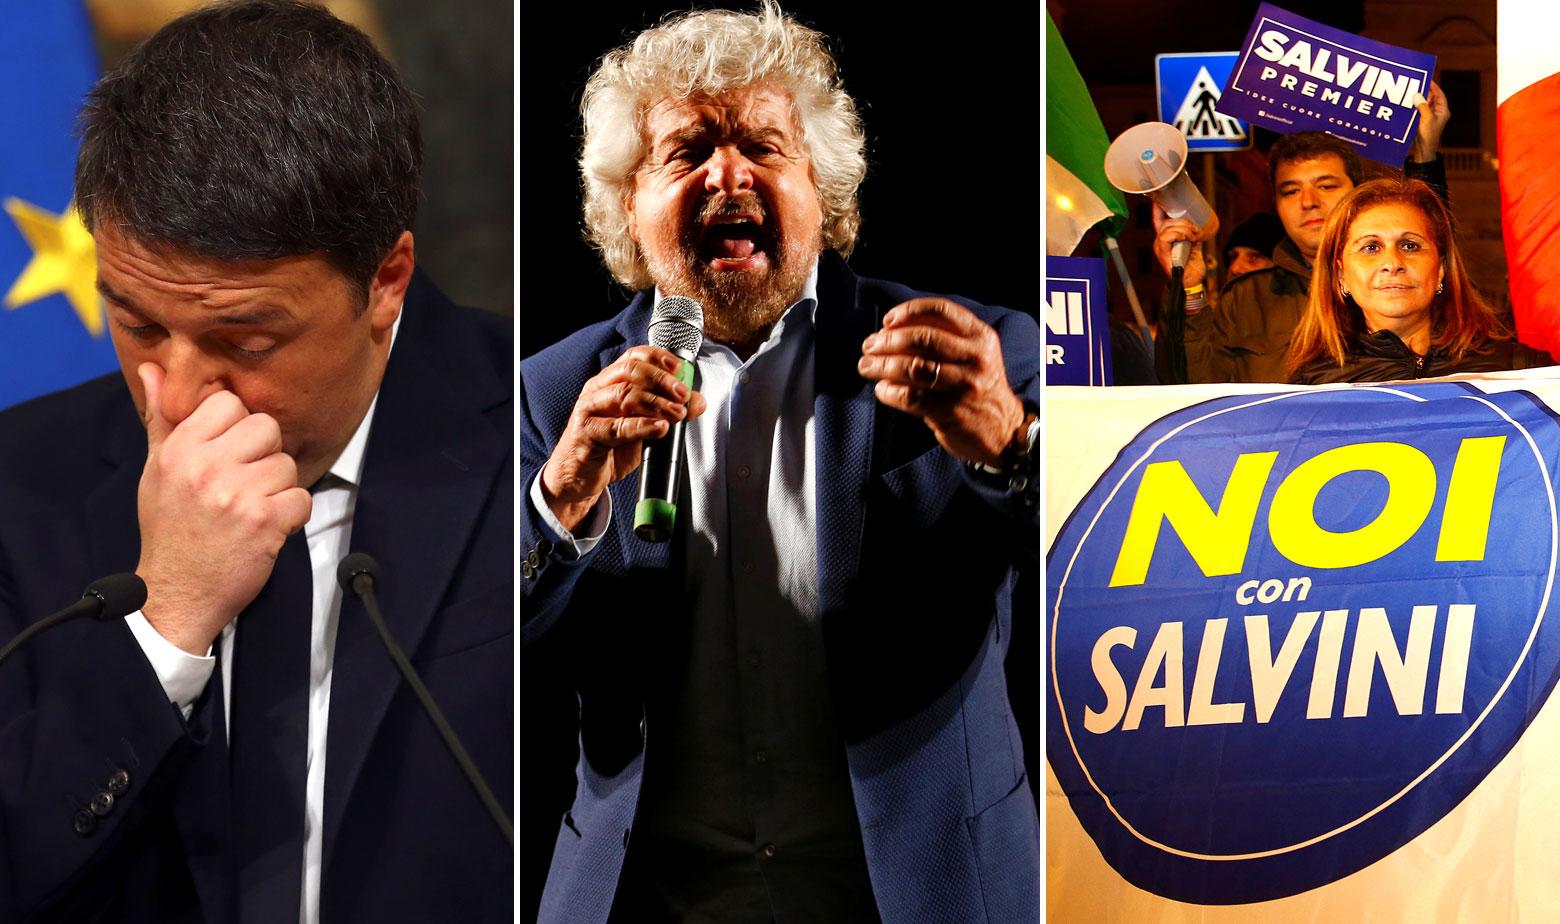 Matteo Renzi, Beppe Grillo, pobornici izbora 'ne' na referendumu